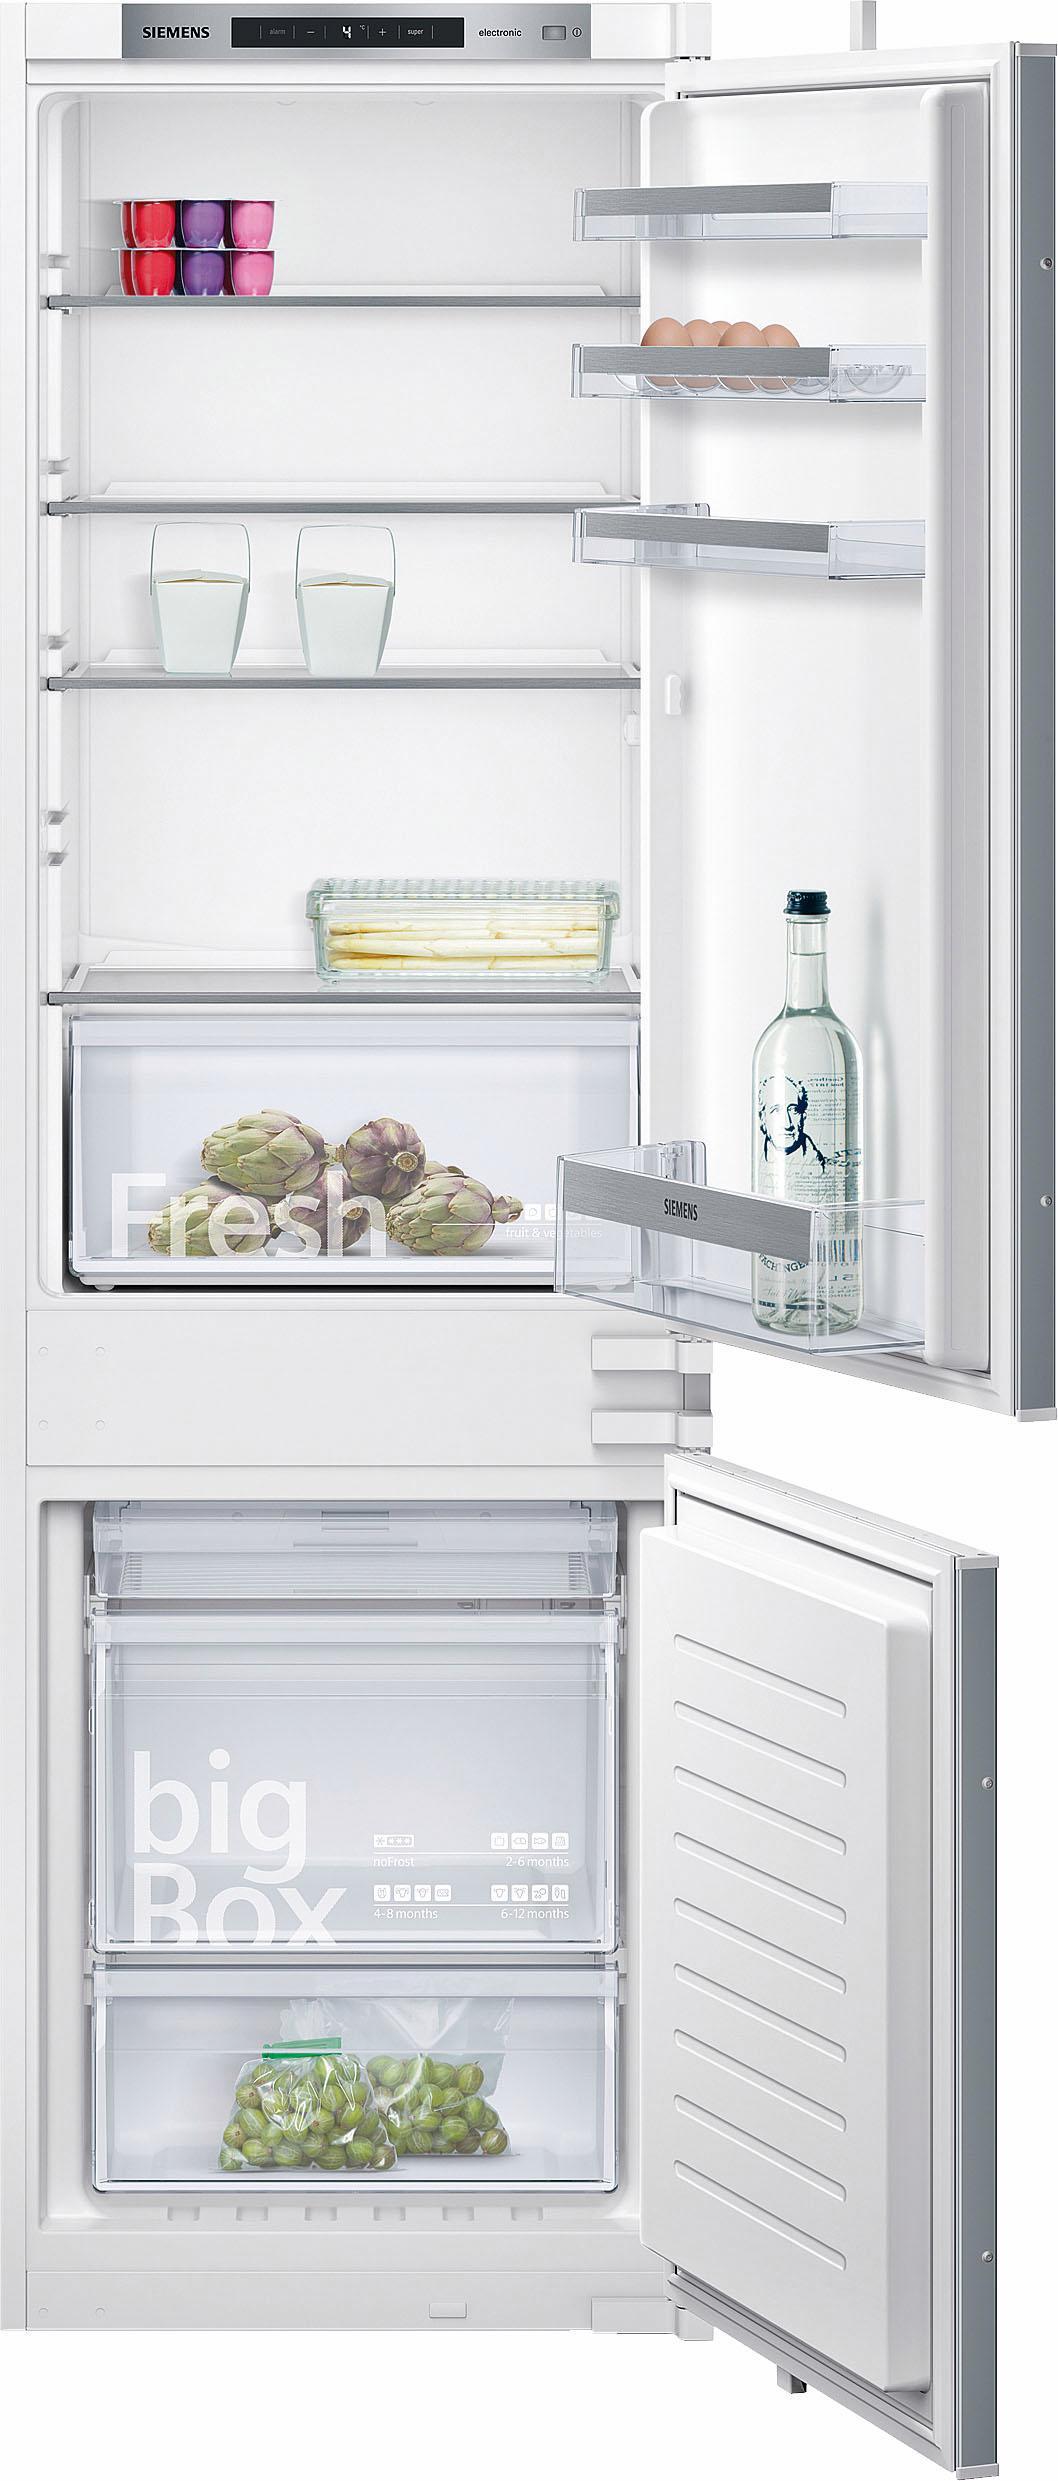 Kühl Gefrierkombination No Frost Preisvergleich Die Besten